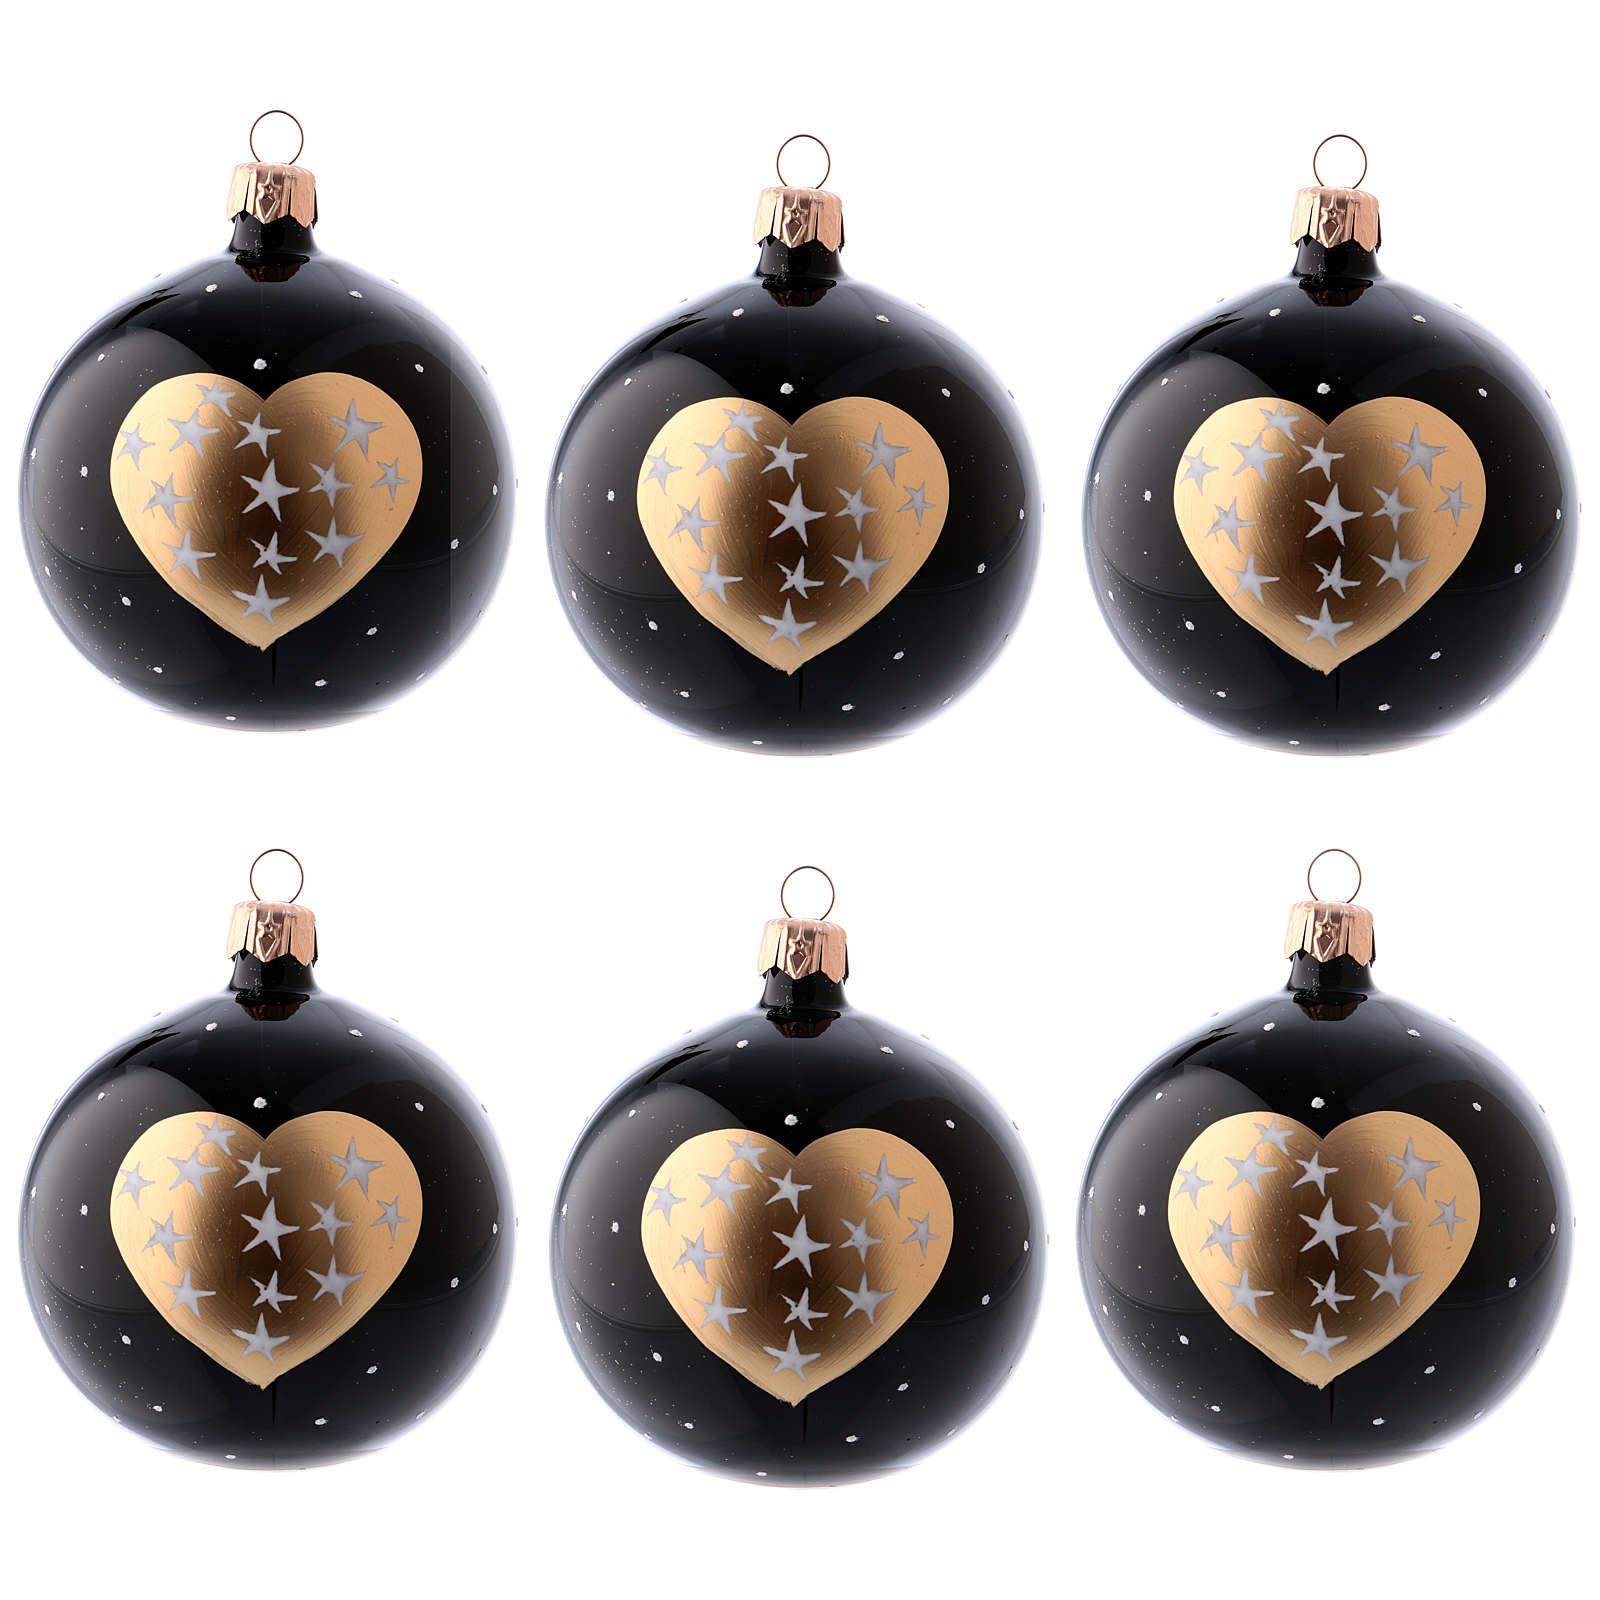 Bolitas Navidad 6 piezas vidrio soplado negras corazón dorado y estrellitas 80 mm 4